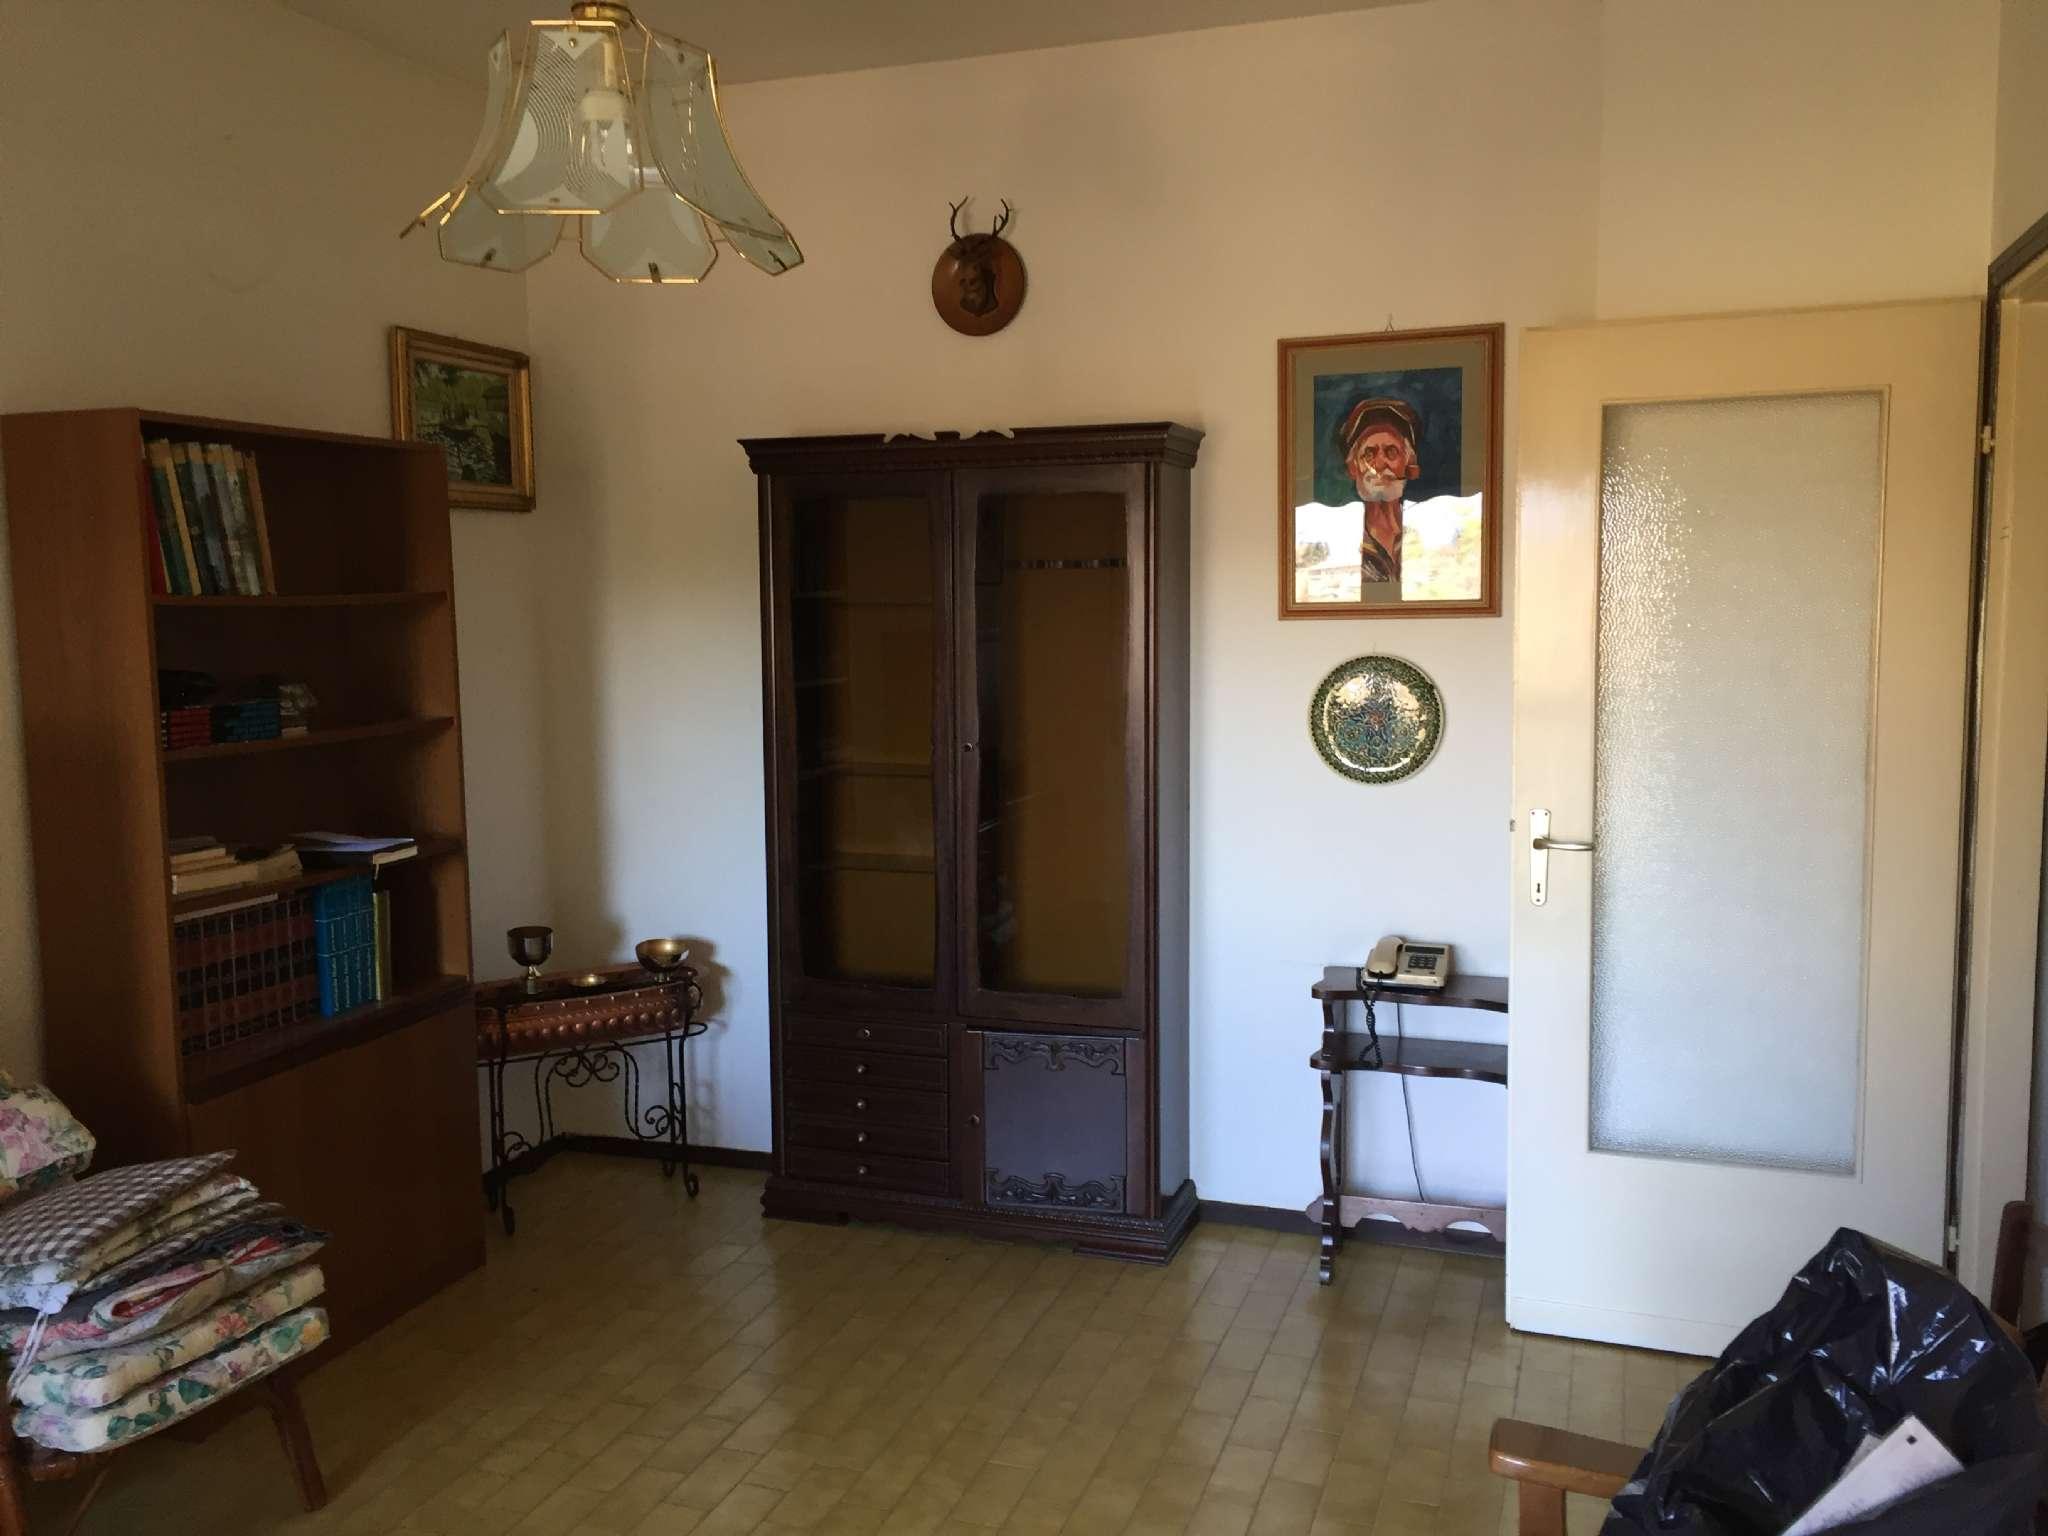 Appartamento in vendita a Cittiglio, 3 locali, prezzo € 62.000 | CambioCasa.it